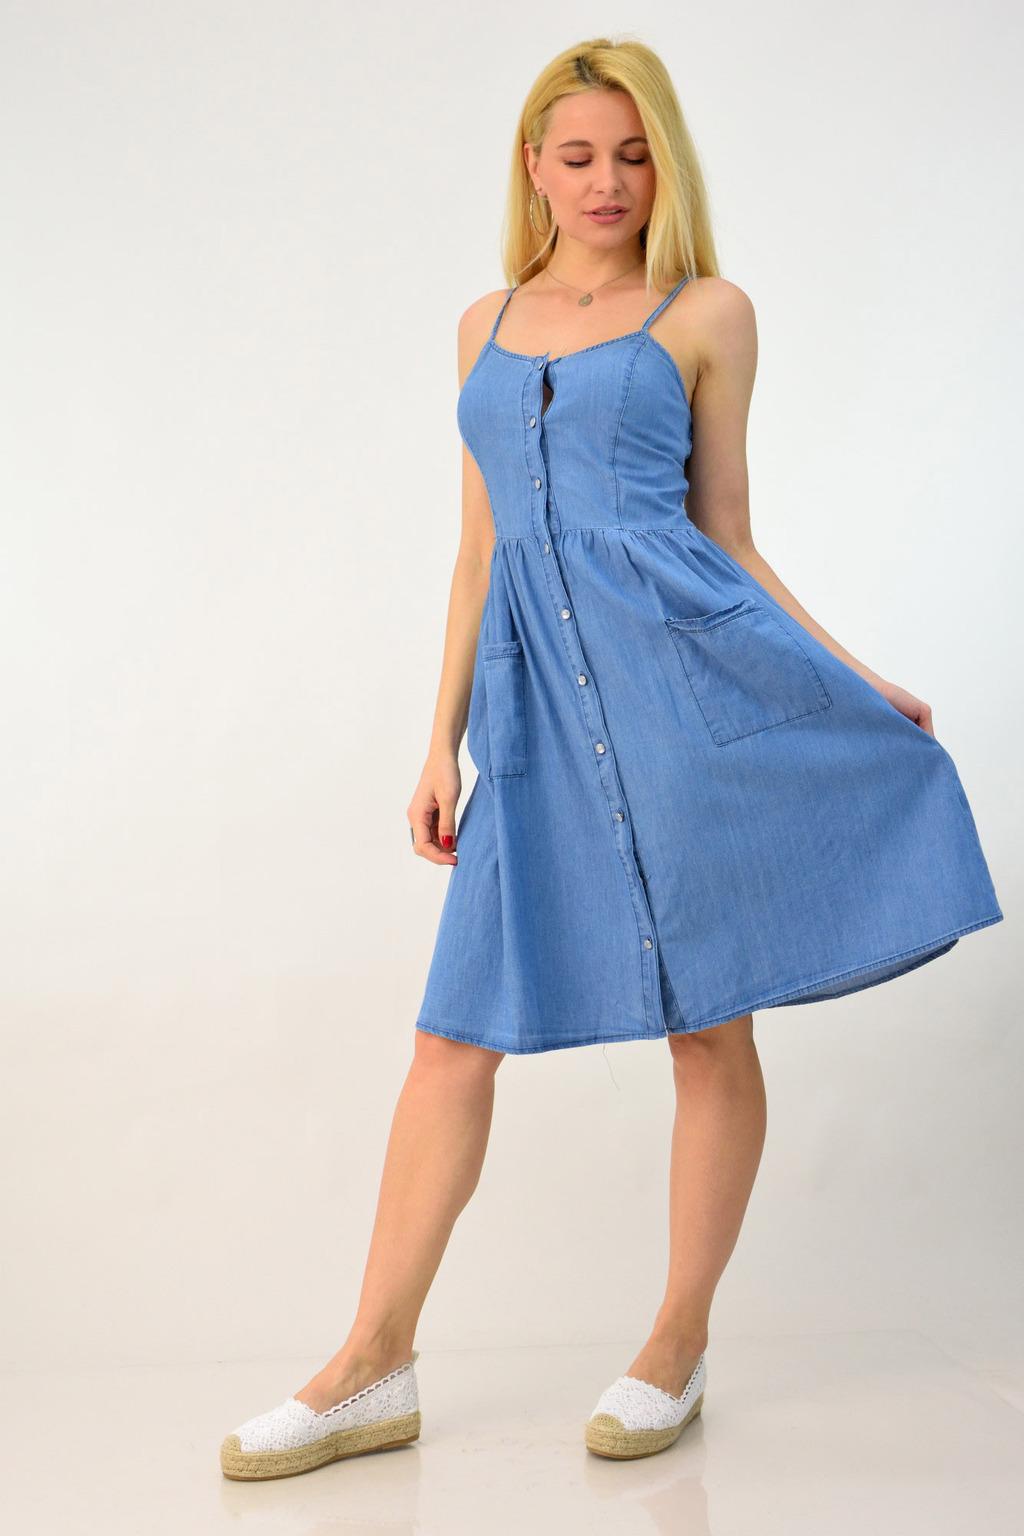 131d4db403e4 Φόρεμα τζιν με τιράντες | POTRE